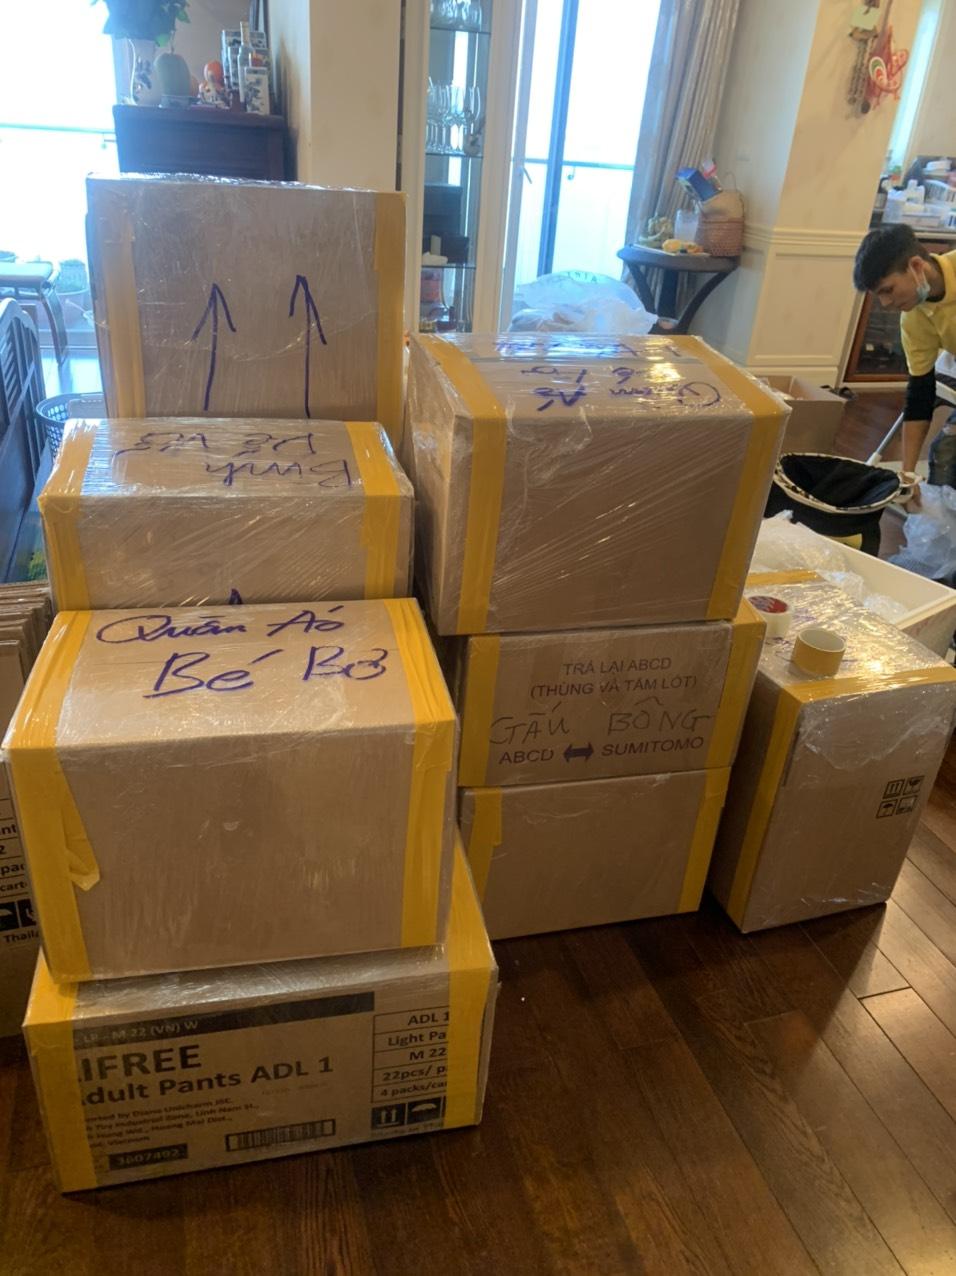 Phân loại và đóng gói đồ đạc là một trong những việc cần làm trước khi chuyển nhà